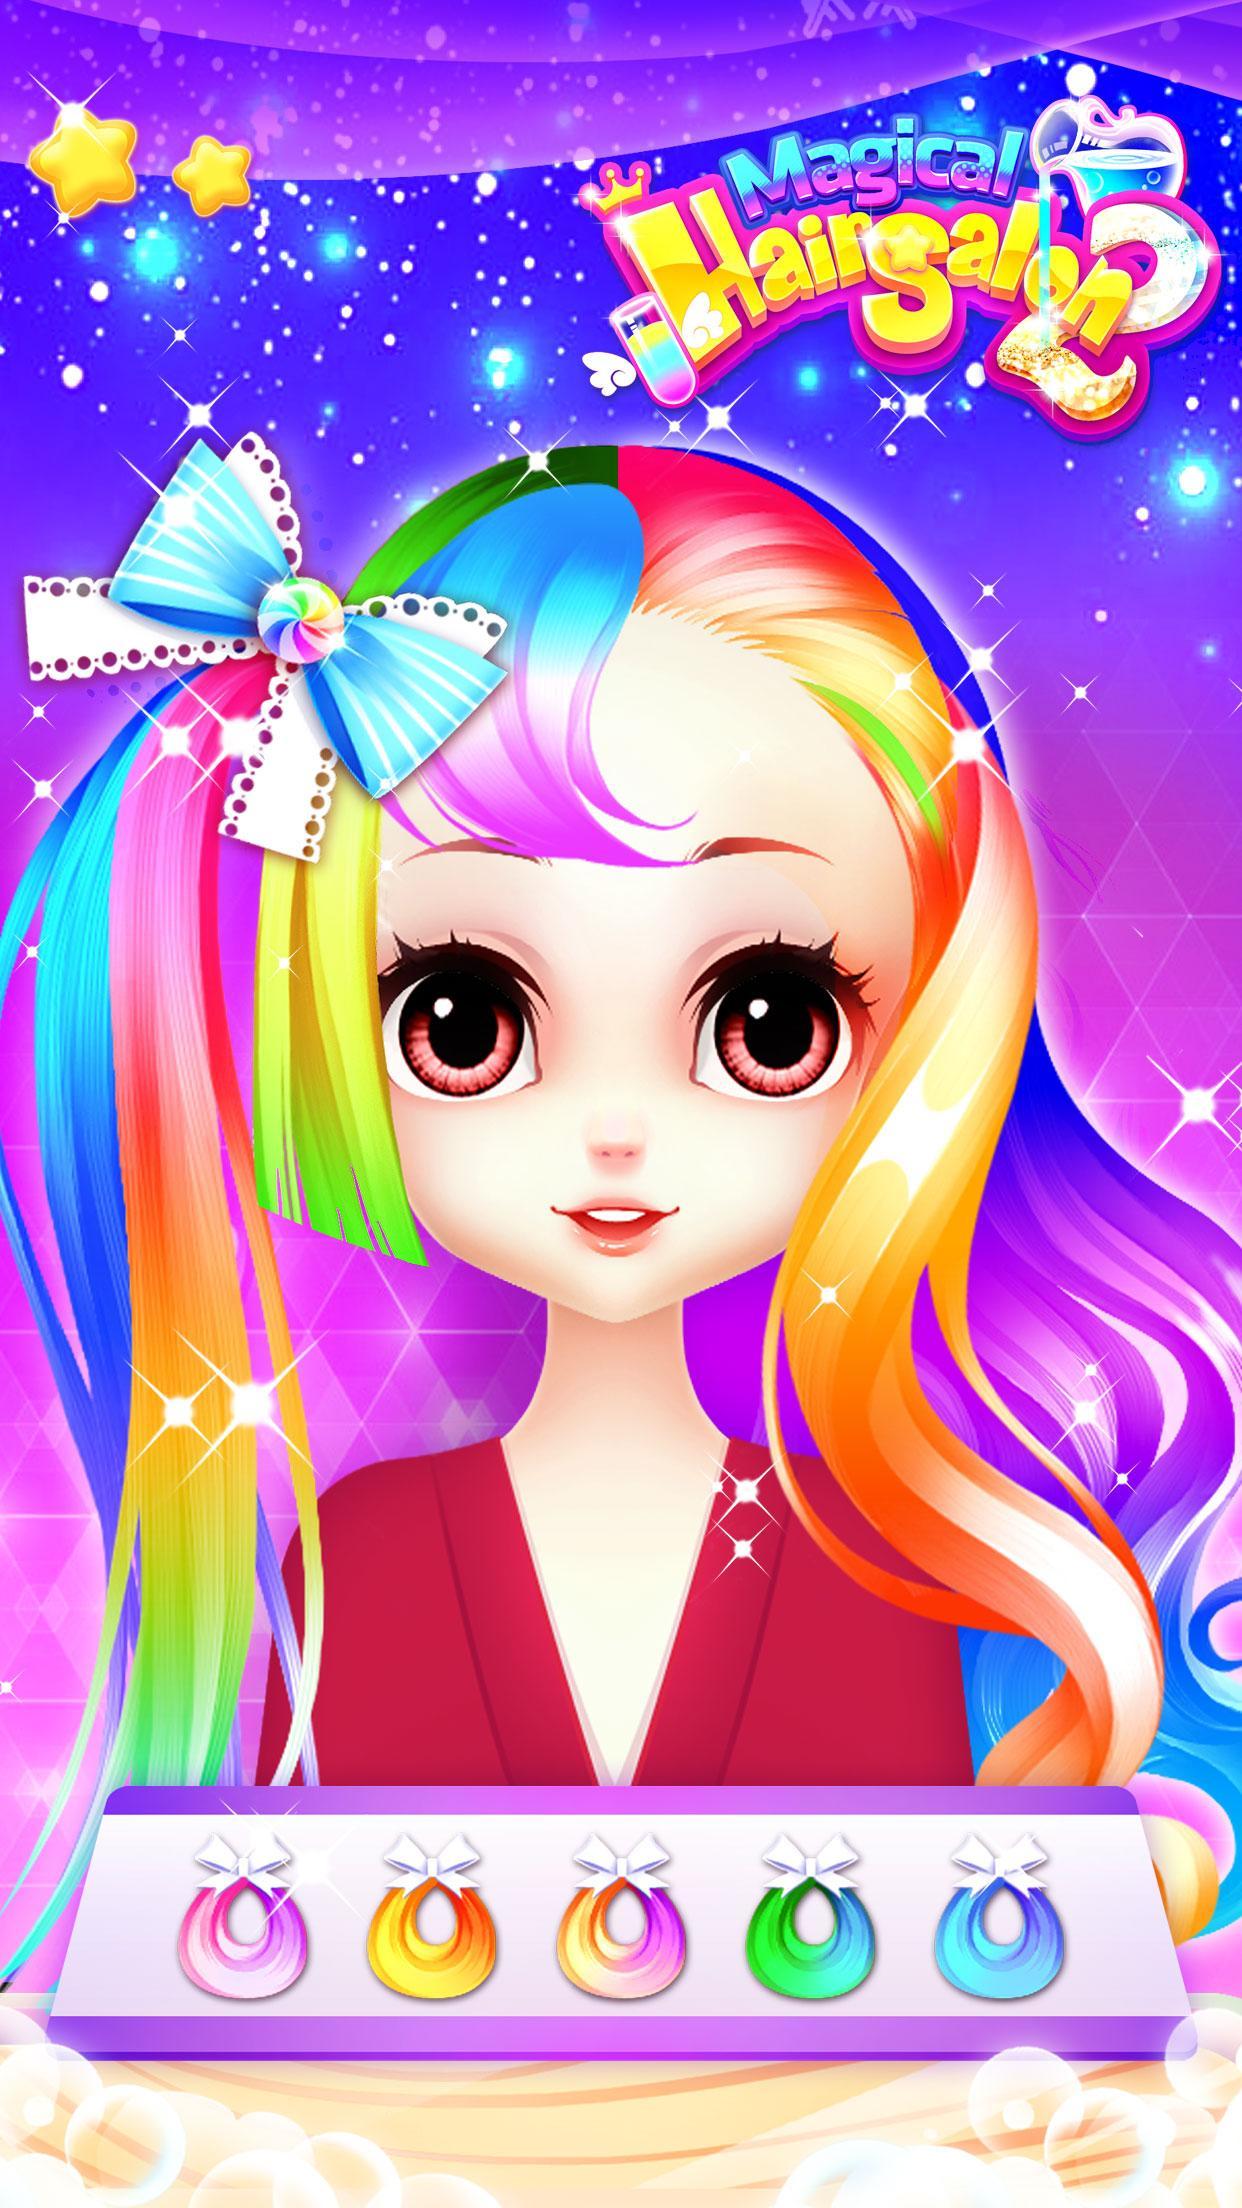 Fashion Hair Salon Games Royal Hairstyle Apk 1 53 Download For Android Download Fashion Hair Salon Games Royal Hairstyle Xapk Apk Bundle Latest Version Apkfab Com